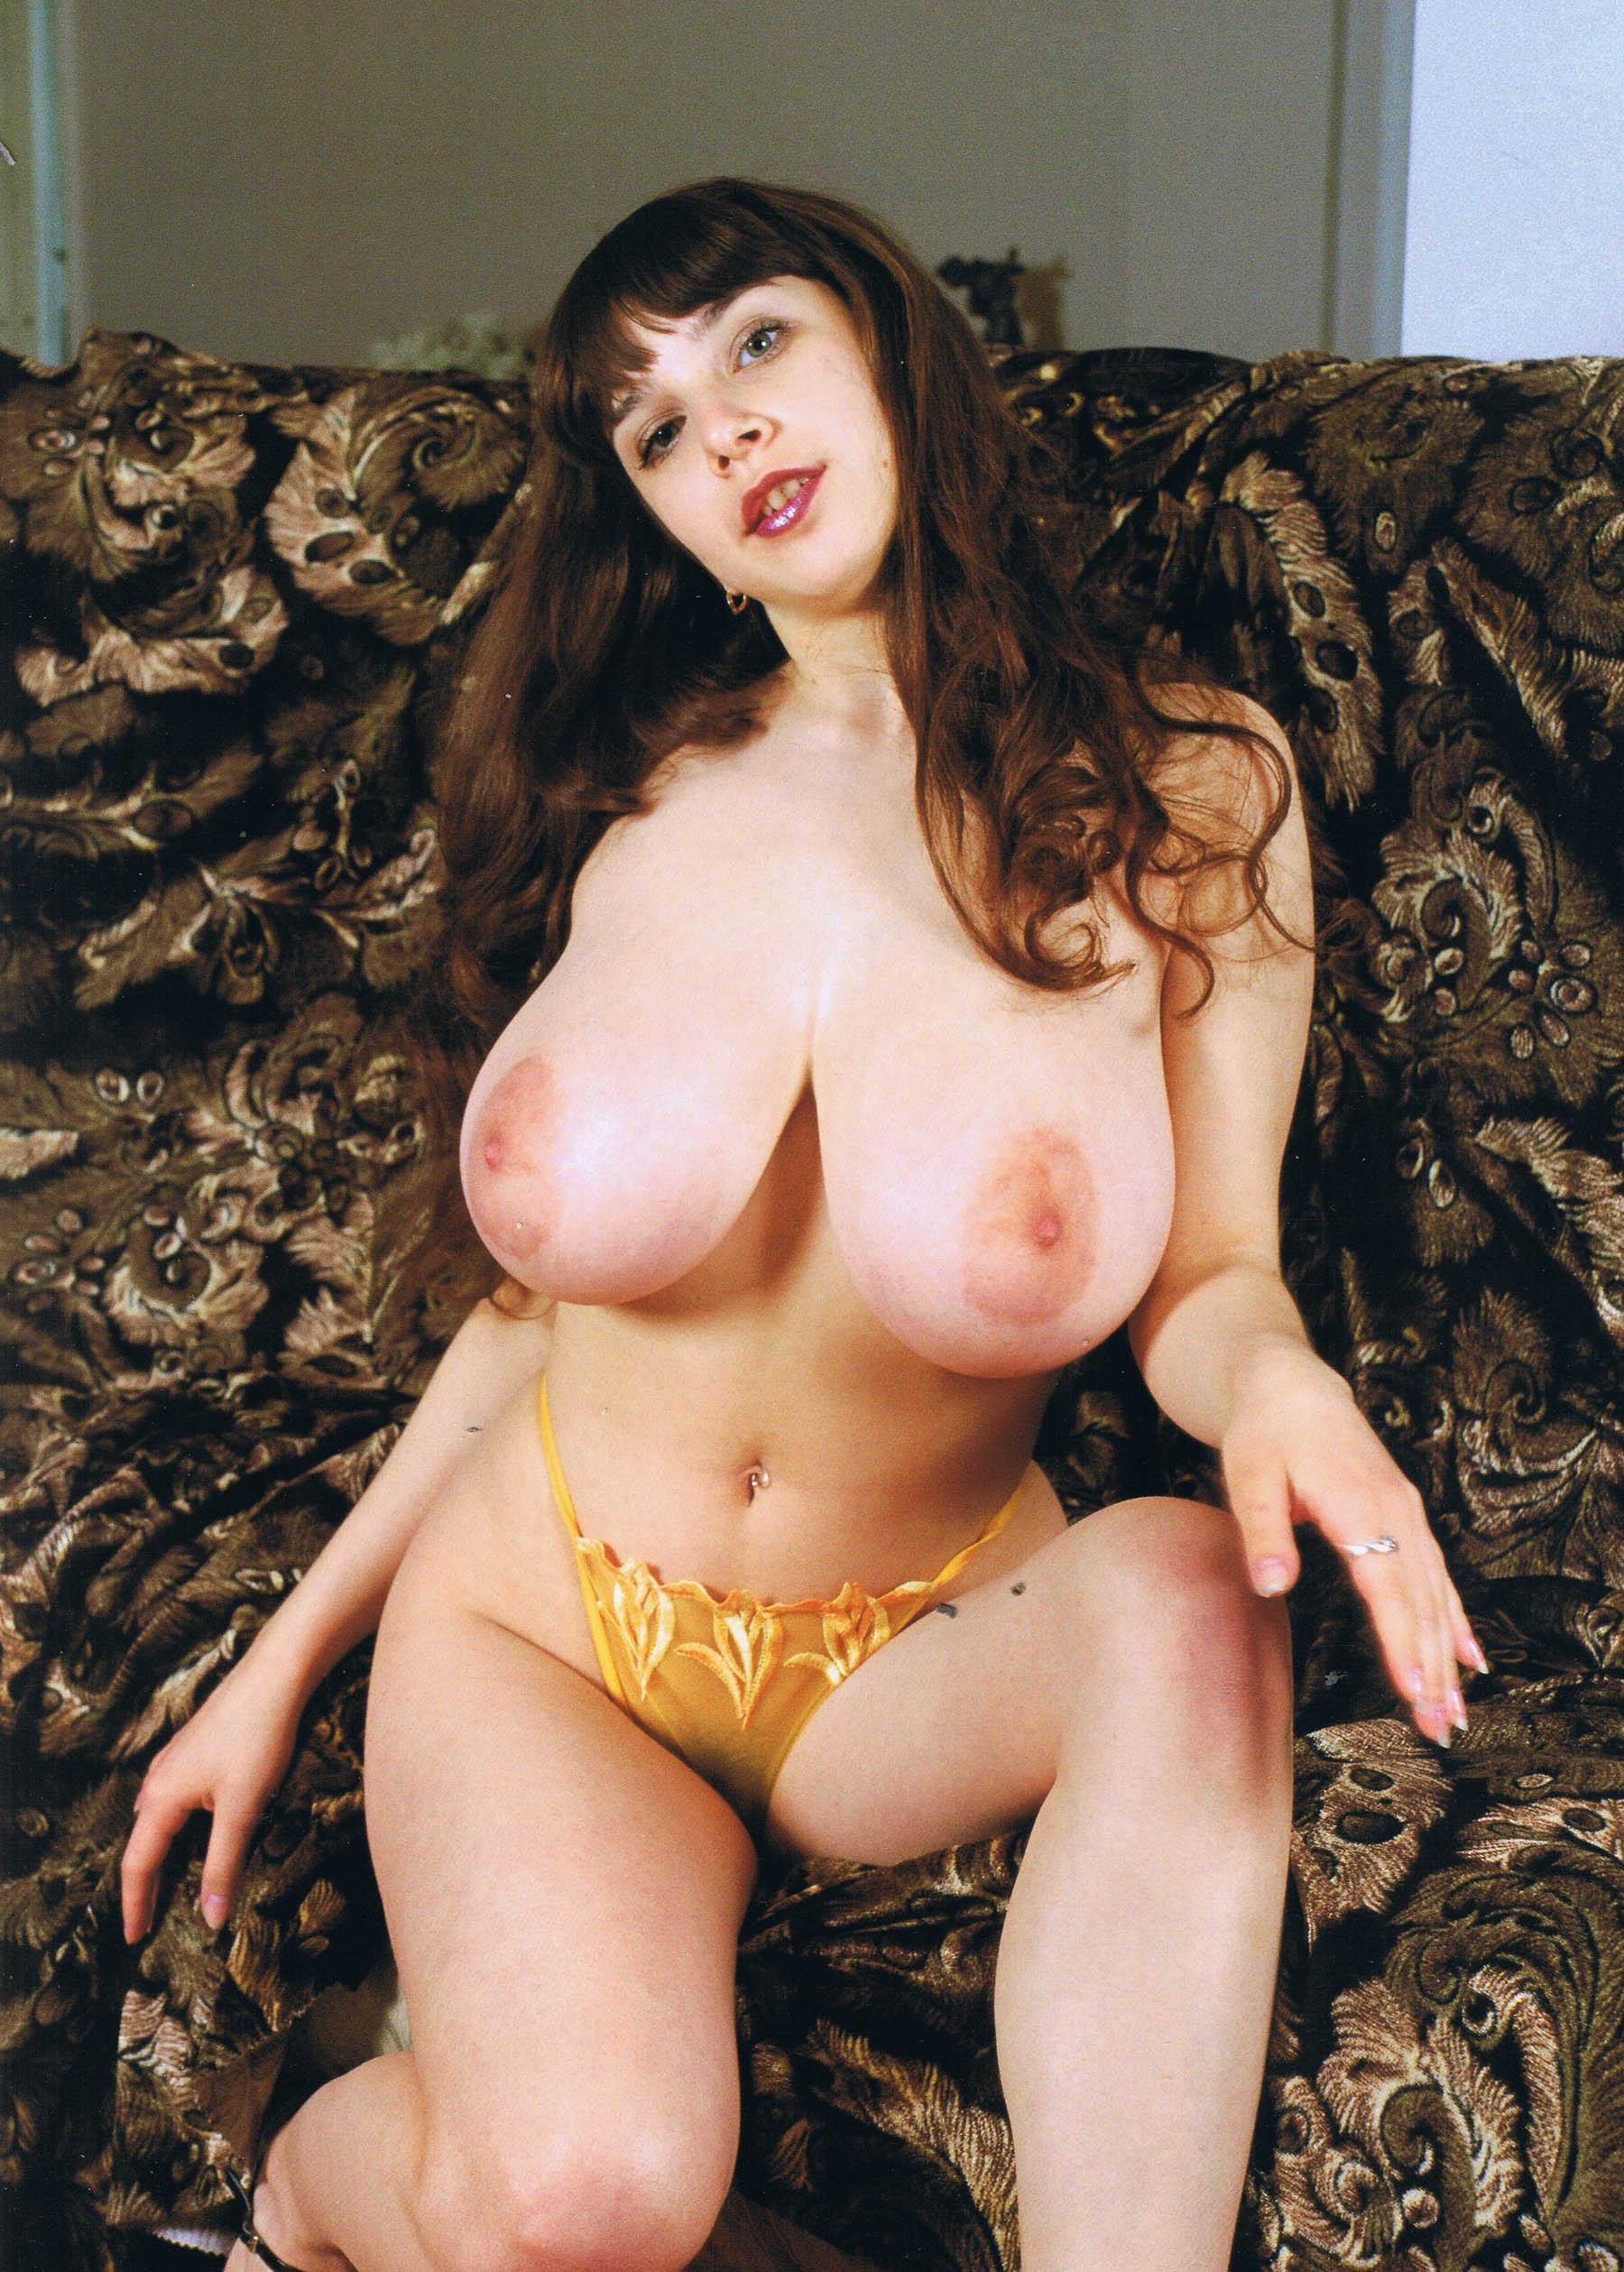 Yulia nova naked